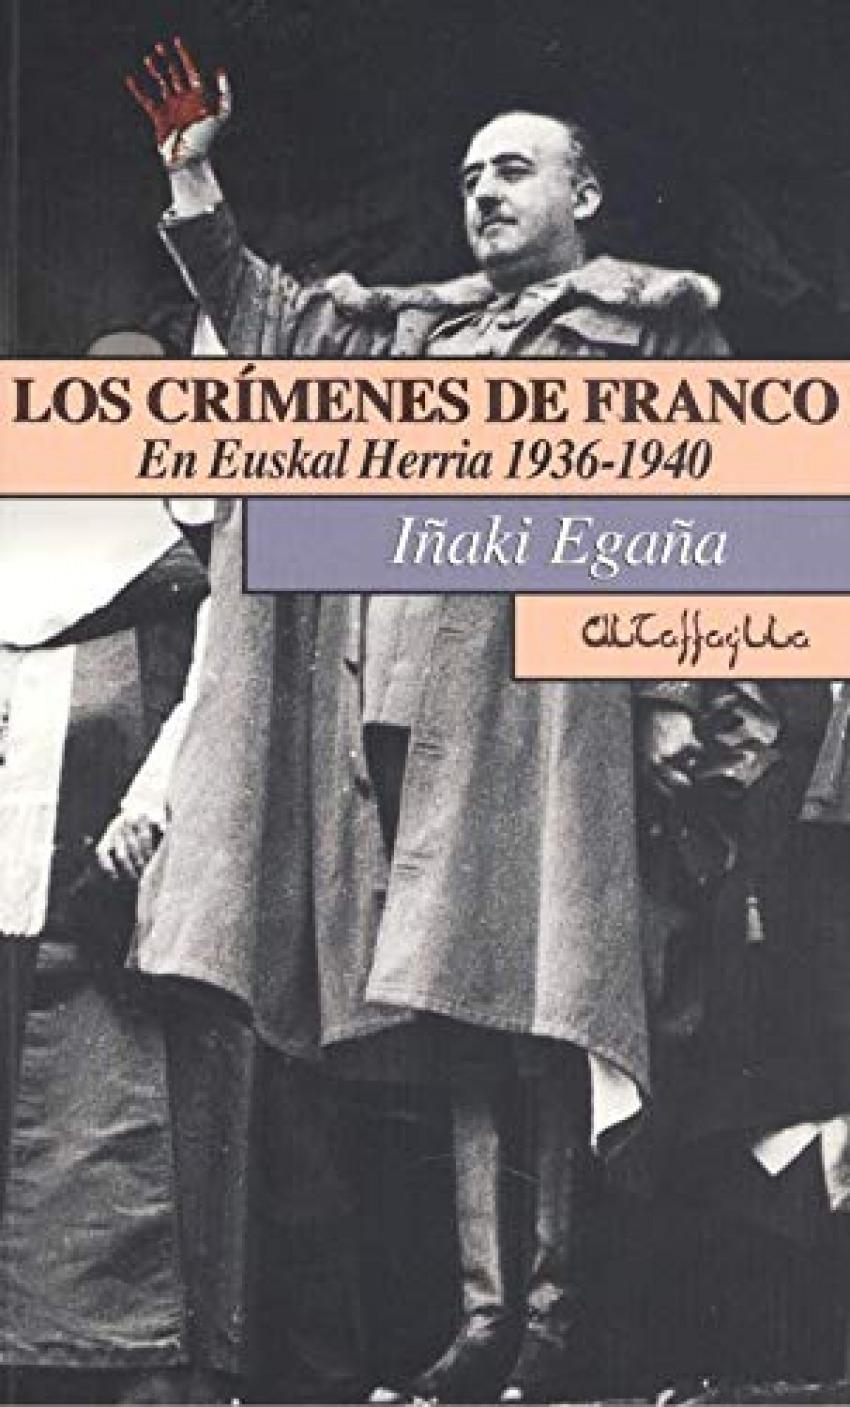 Los crímenes de Franco en Euskal Herría